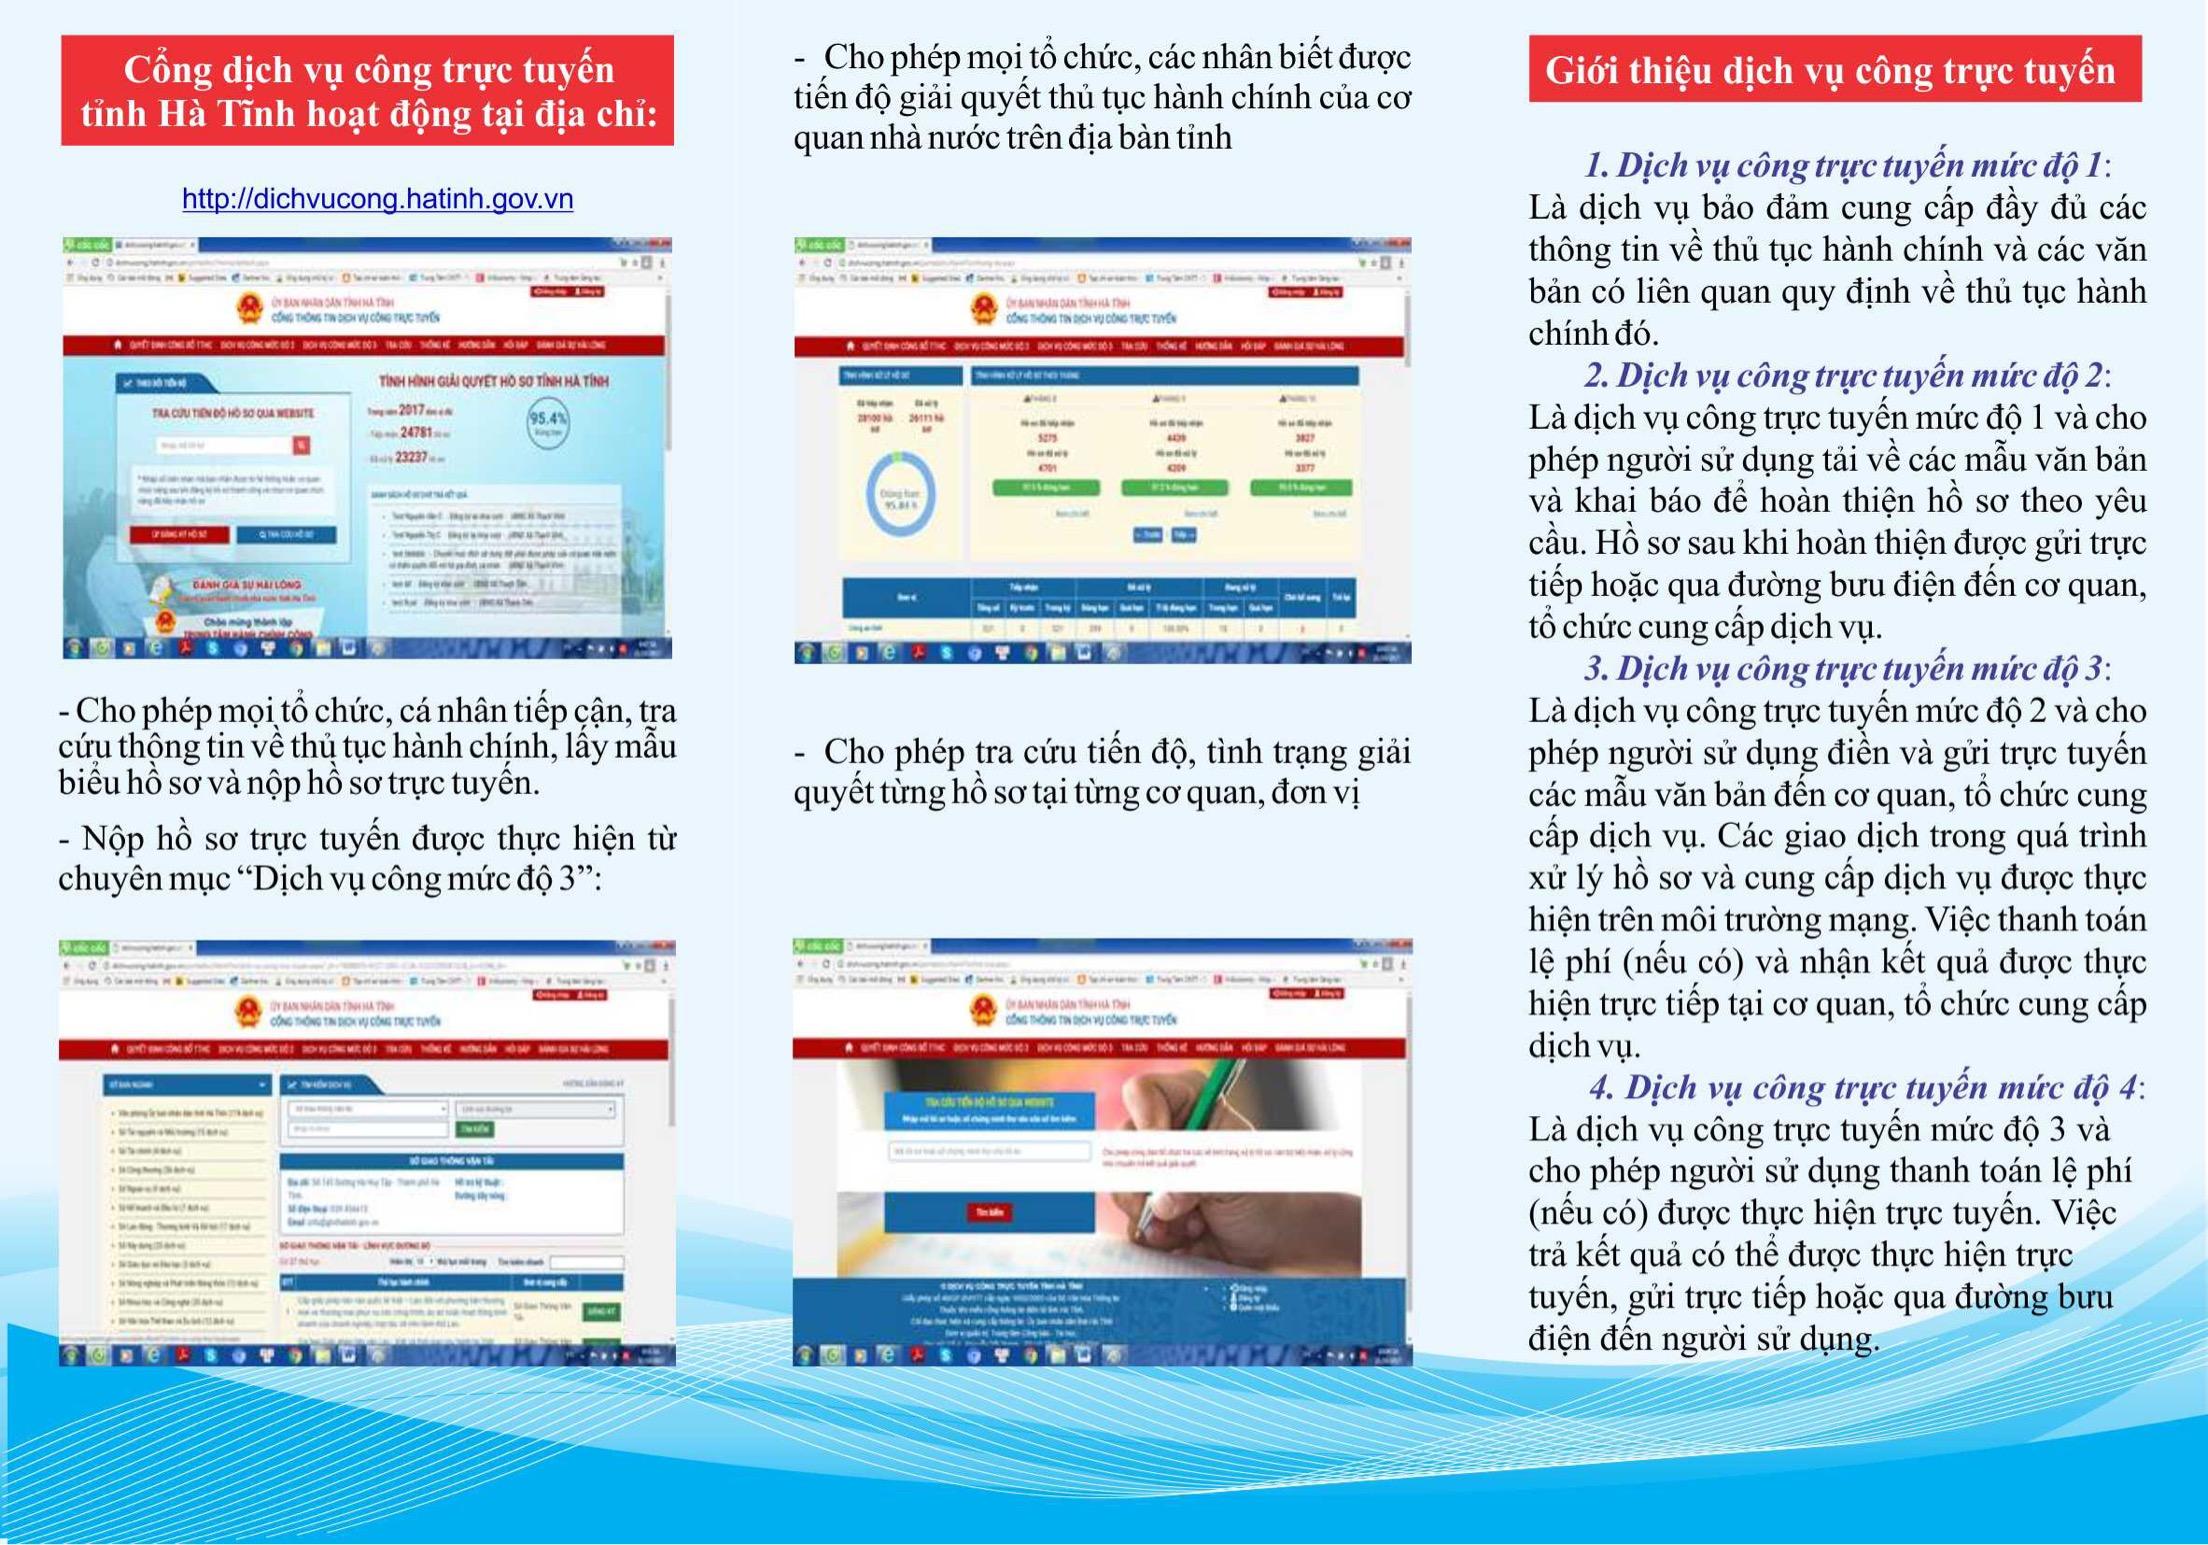 Tăng cường hiệu quả khai thác sử dụng dịch vụ công trực tuyến mức độ 3, mức độ 4 trên địa bàn tỉnh